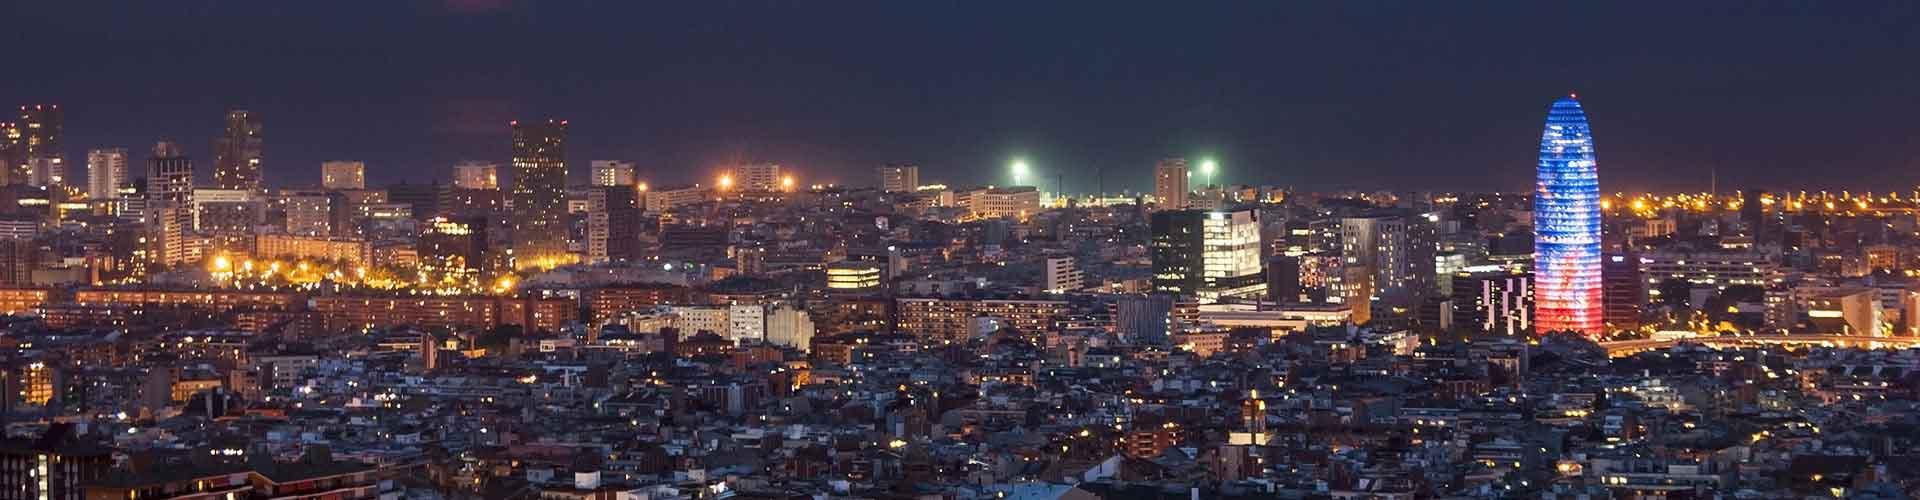 바르셀로나 - 아그바 타워에 가까운 호텔. 바르셀로나의 지도, 바르셀로나에 위치한 호텔에 대한 사진 및 리뷰.